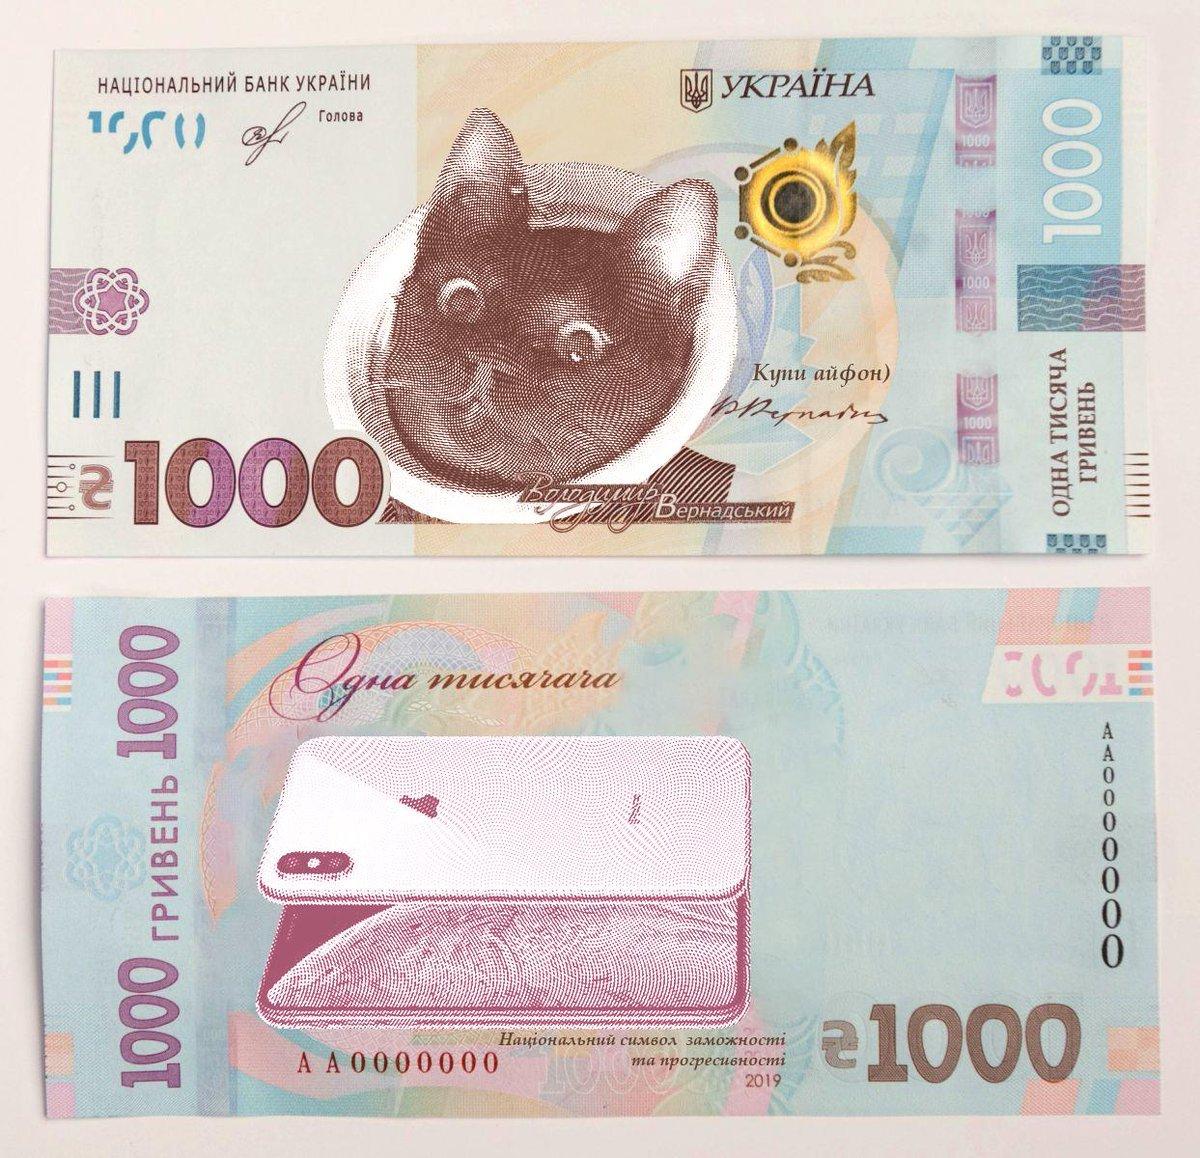 В Украине ввели в оборот 1000 гривен: как распознать подделку и реакция соцсетей, - ФОТО, фото-17